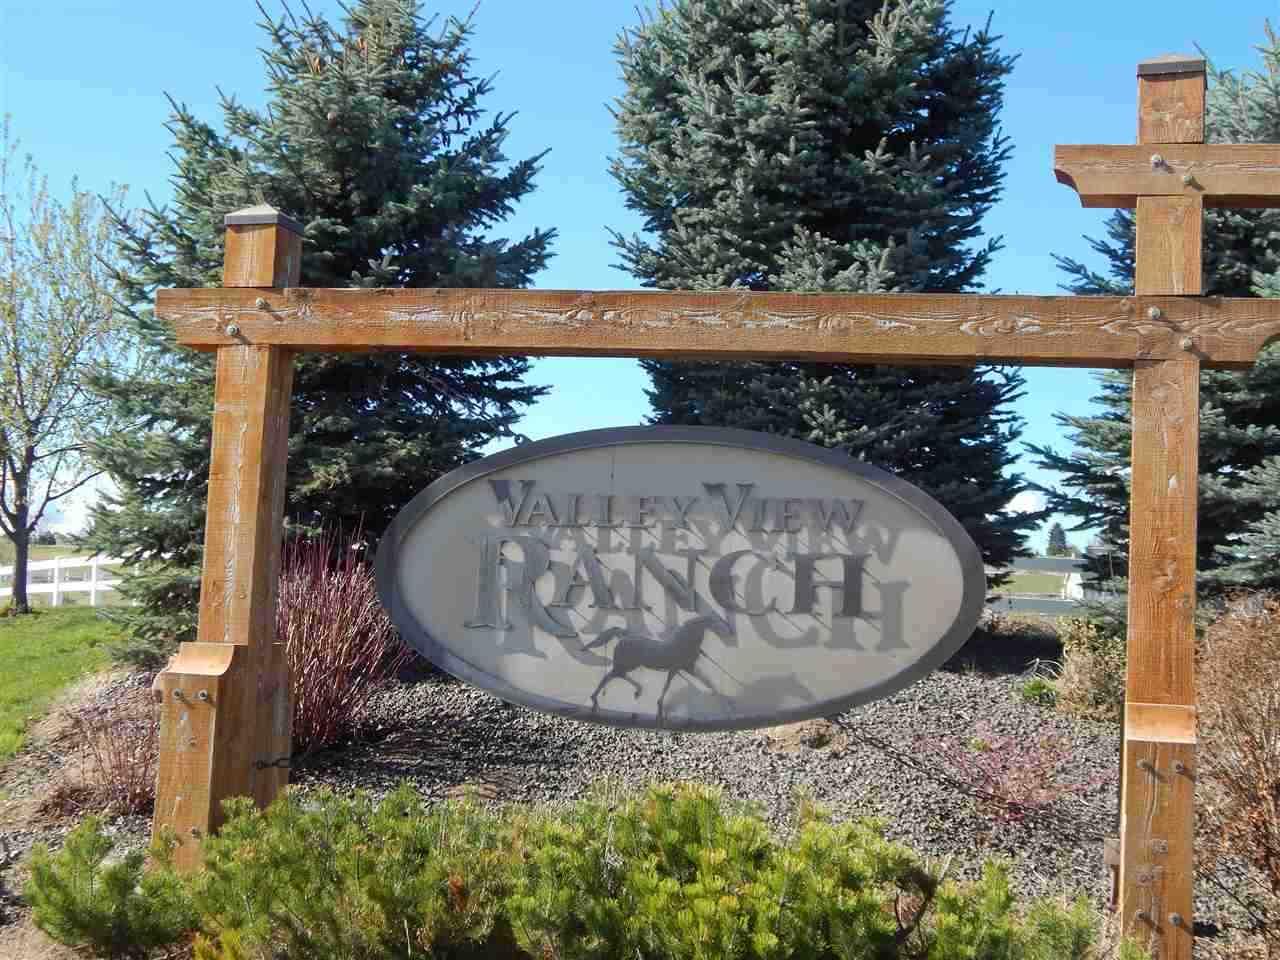 12045 Ranchview Drive,Nampa,Idaho 83686,Land,12045 Ranchview Drive,98672985